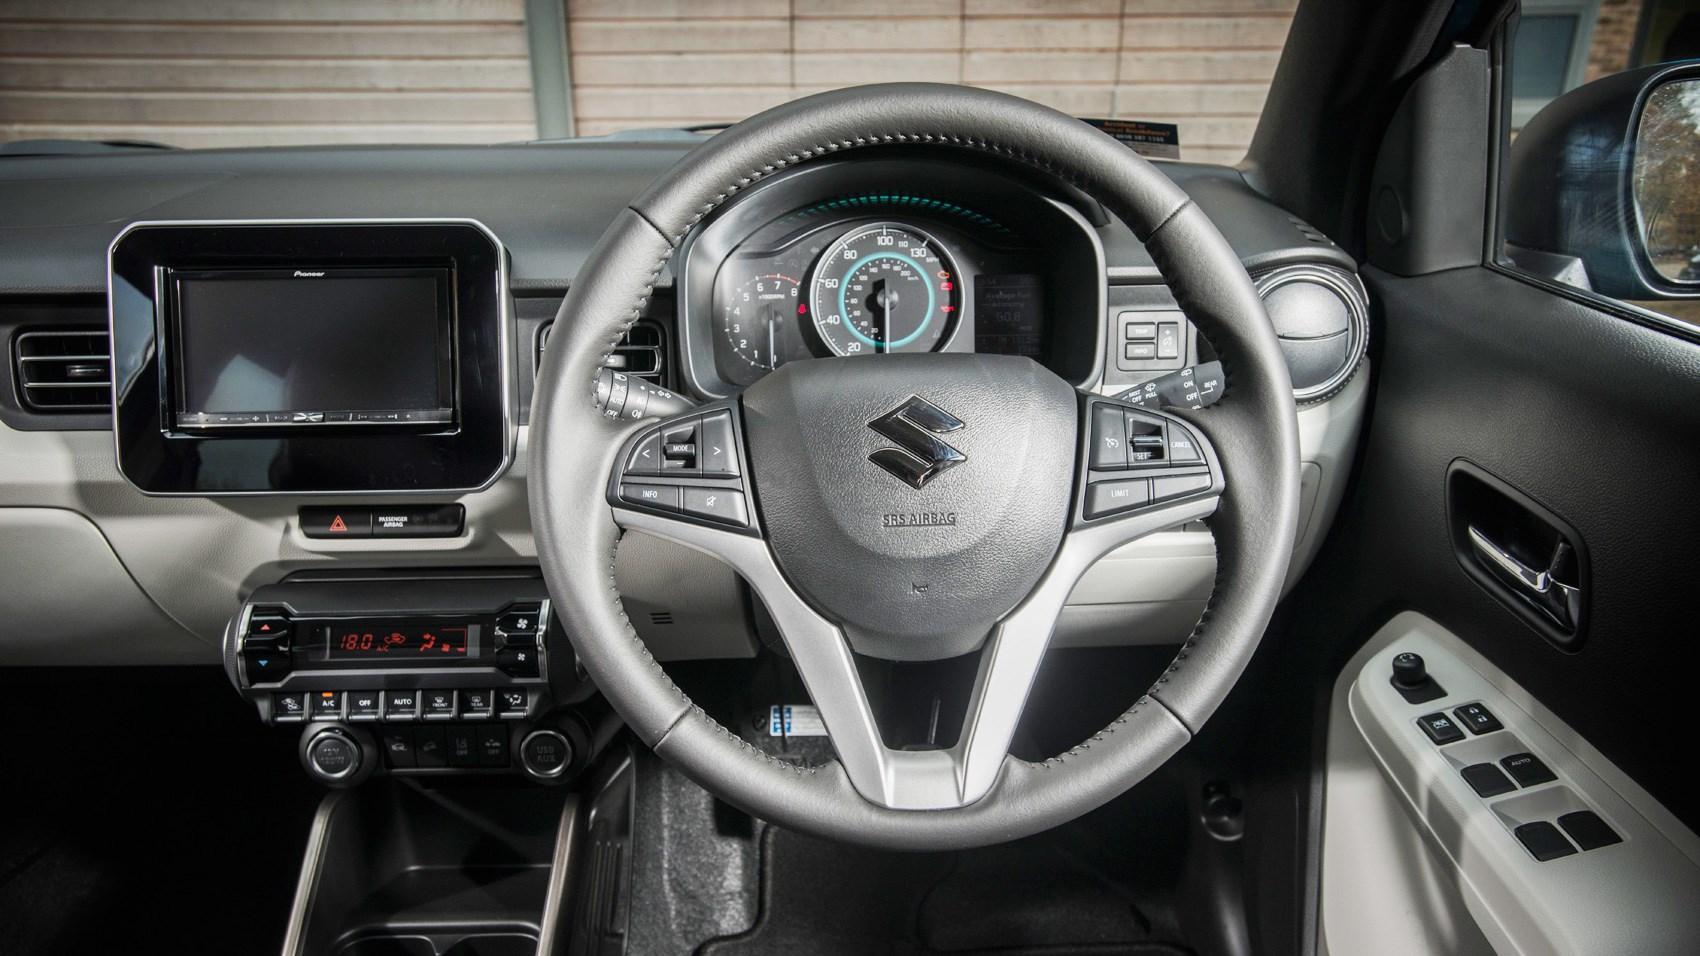 Suzuki Ignis 12 SHVS SZ5 4W 2017 Review